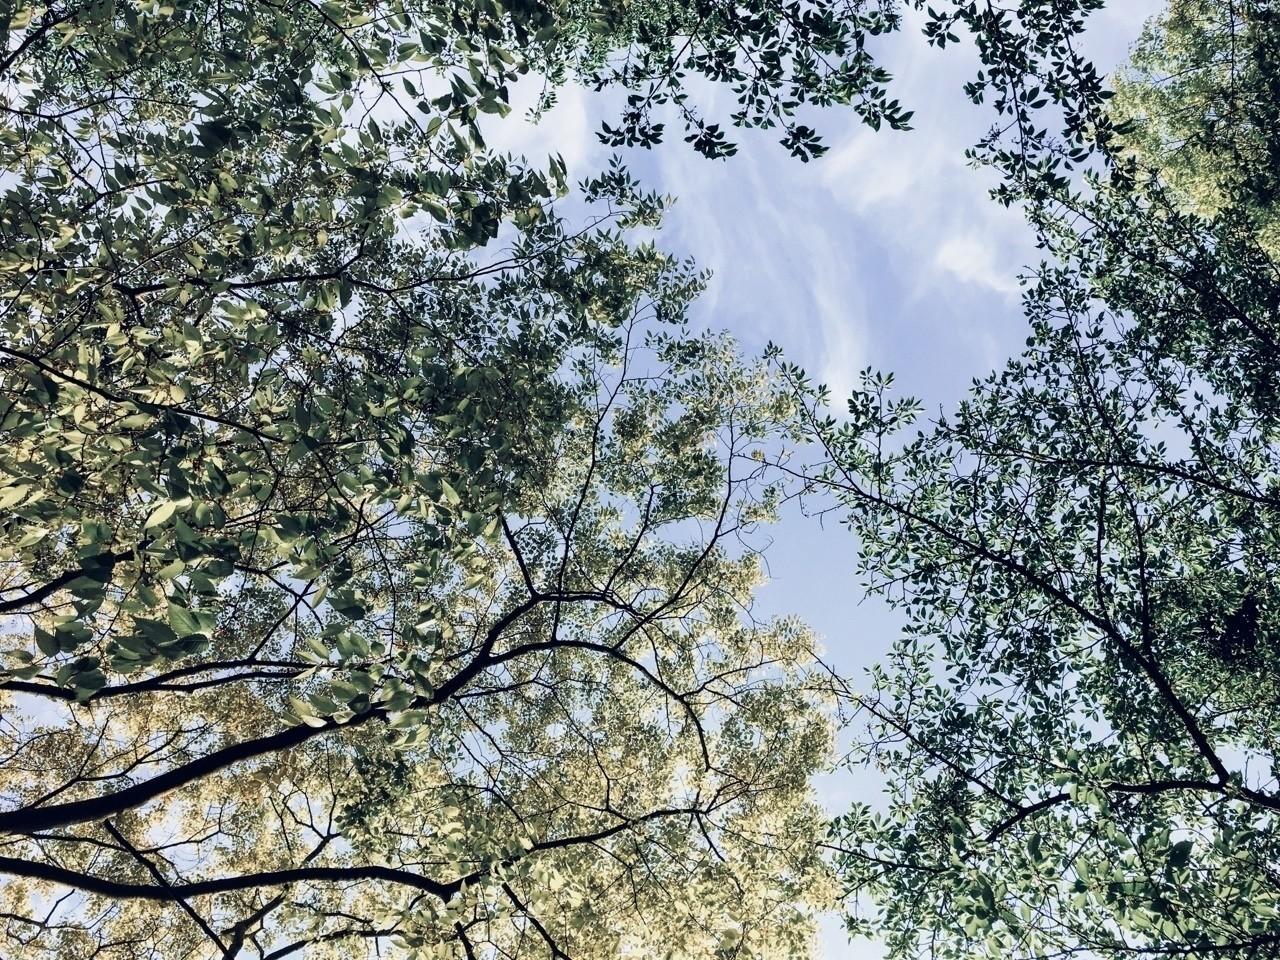 空を見上げる。五月の澄んだ空と新緑が眩しい。